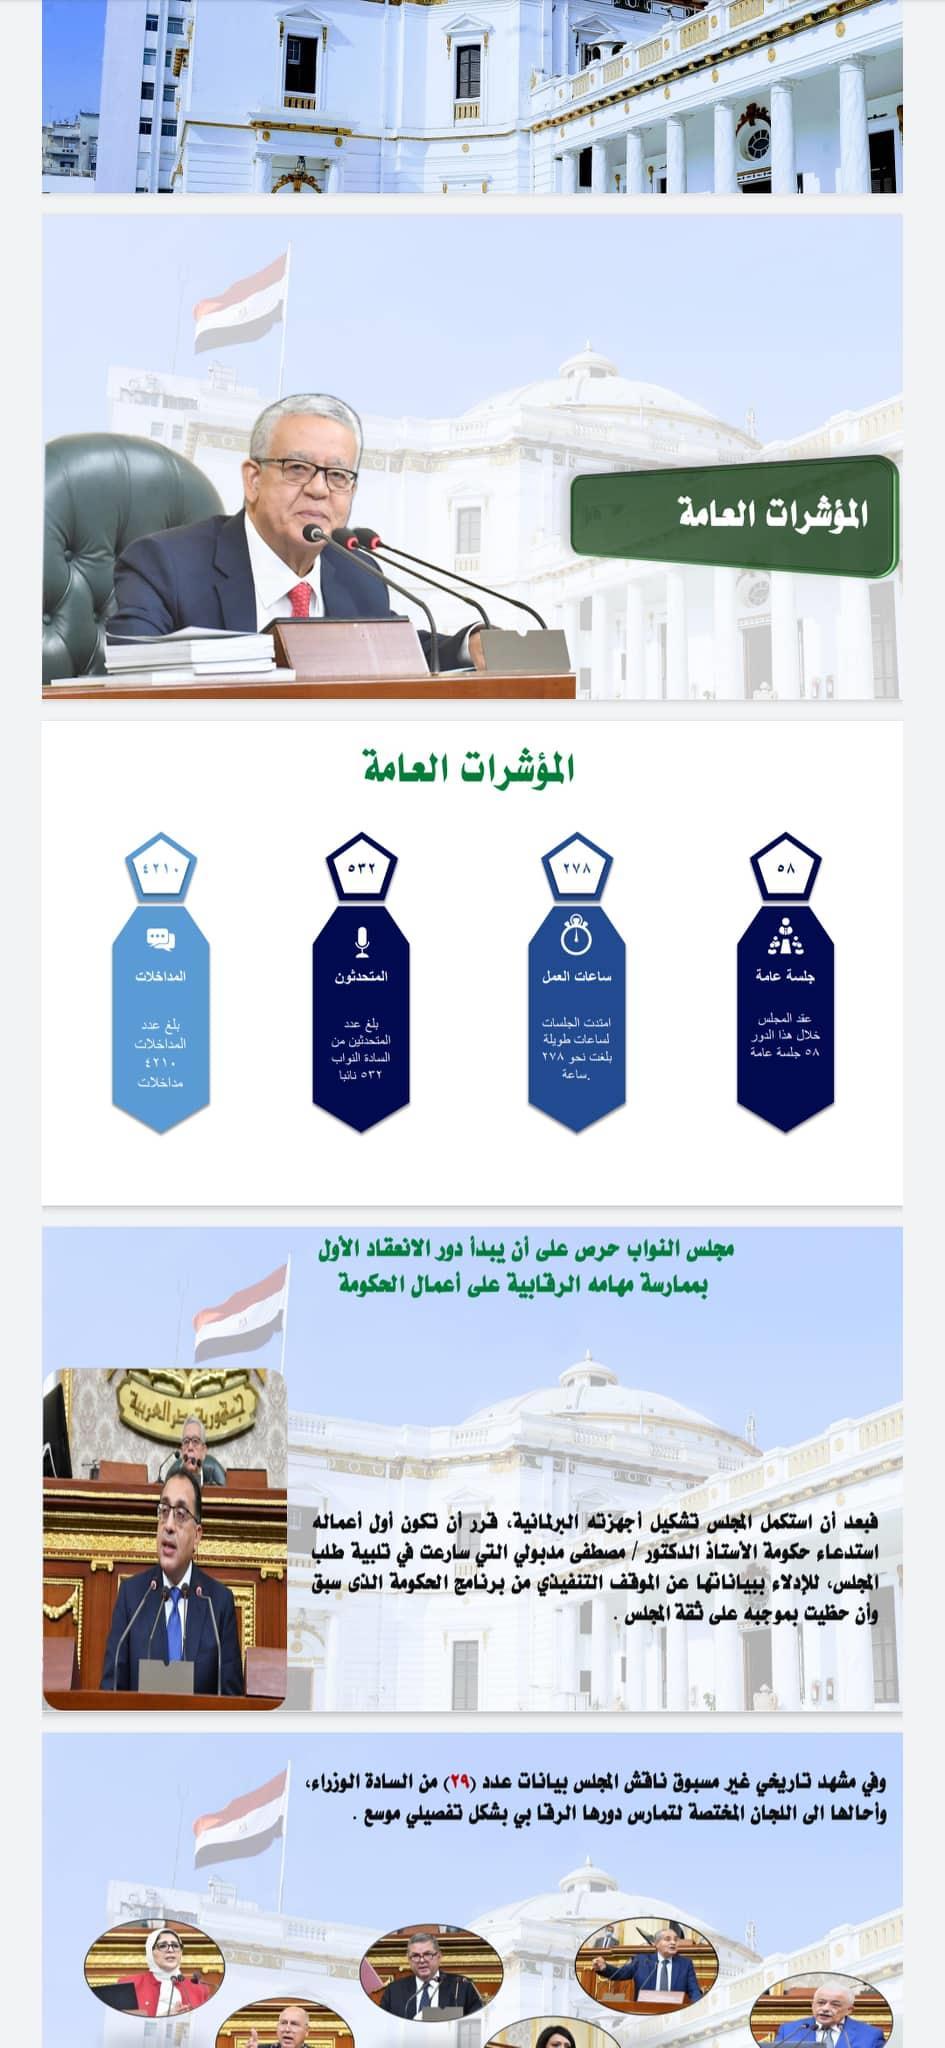 انجازات مجلس النواب للدور الأول نهائي